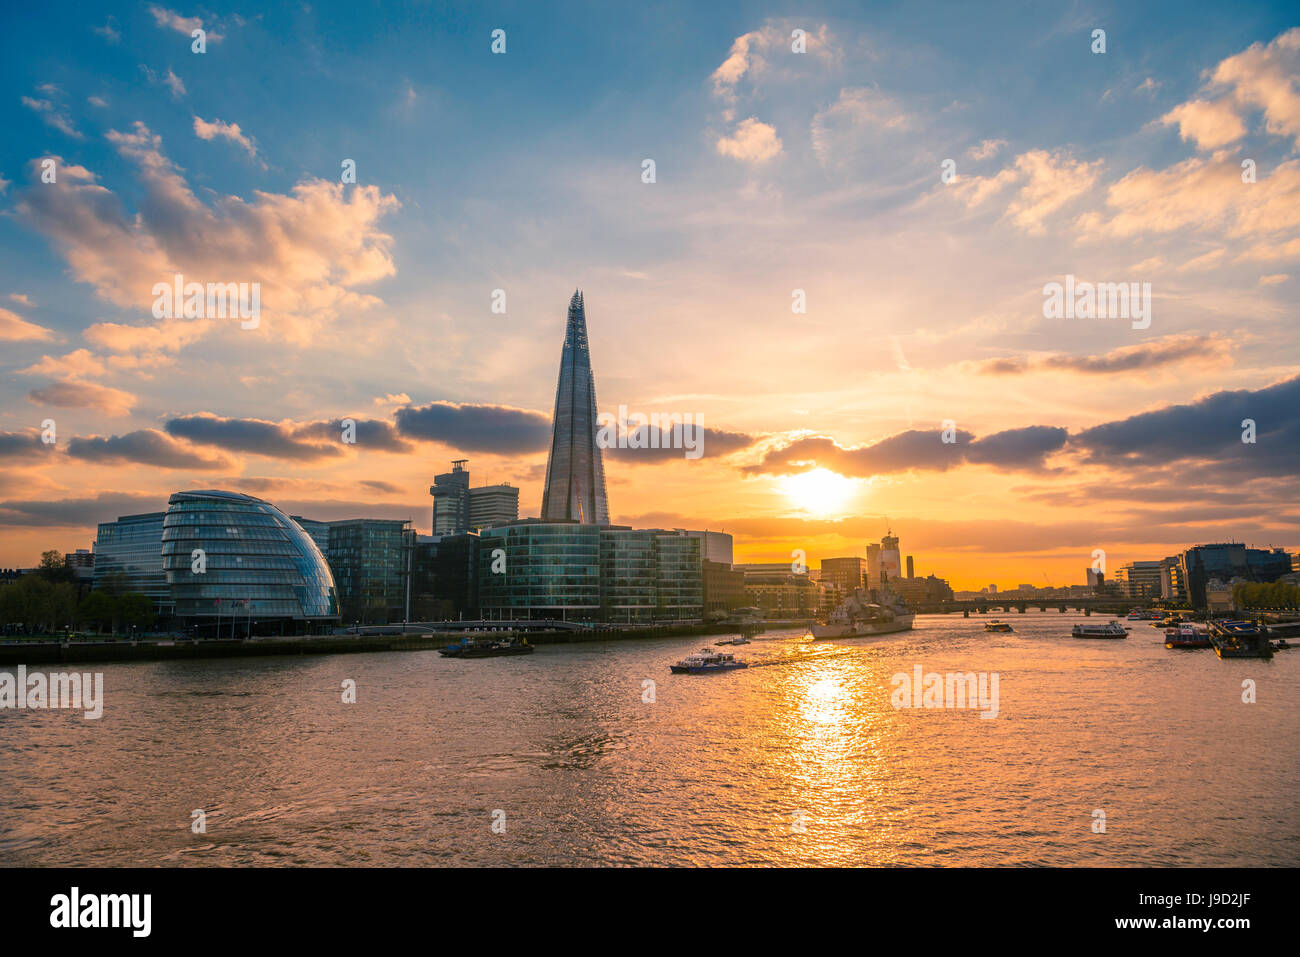 Horizonte del complejo de oficinas más Londres Riverside, City Hall de Londres, el City Hall, el Shard, Thames Imagen De Stock